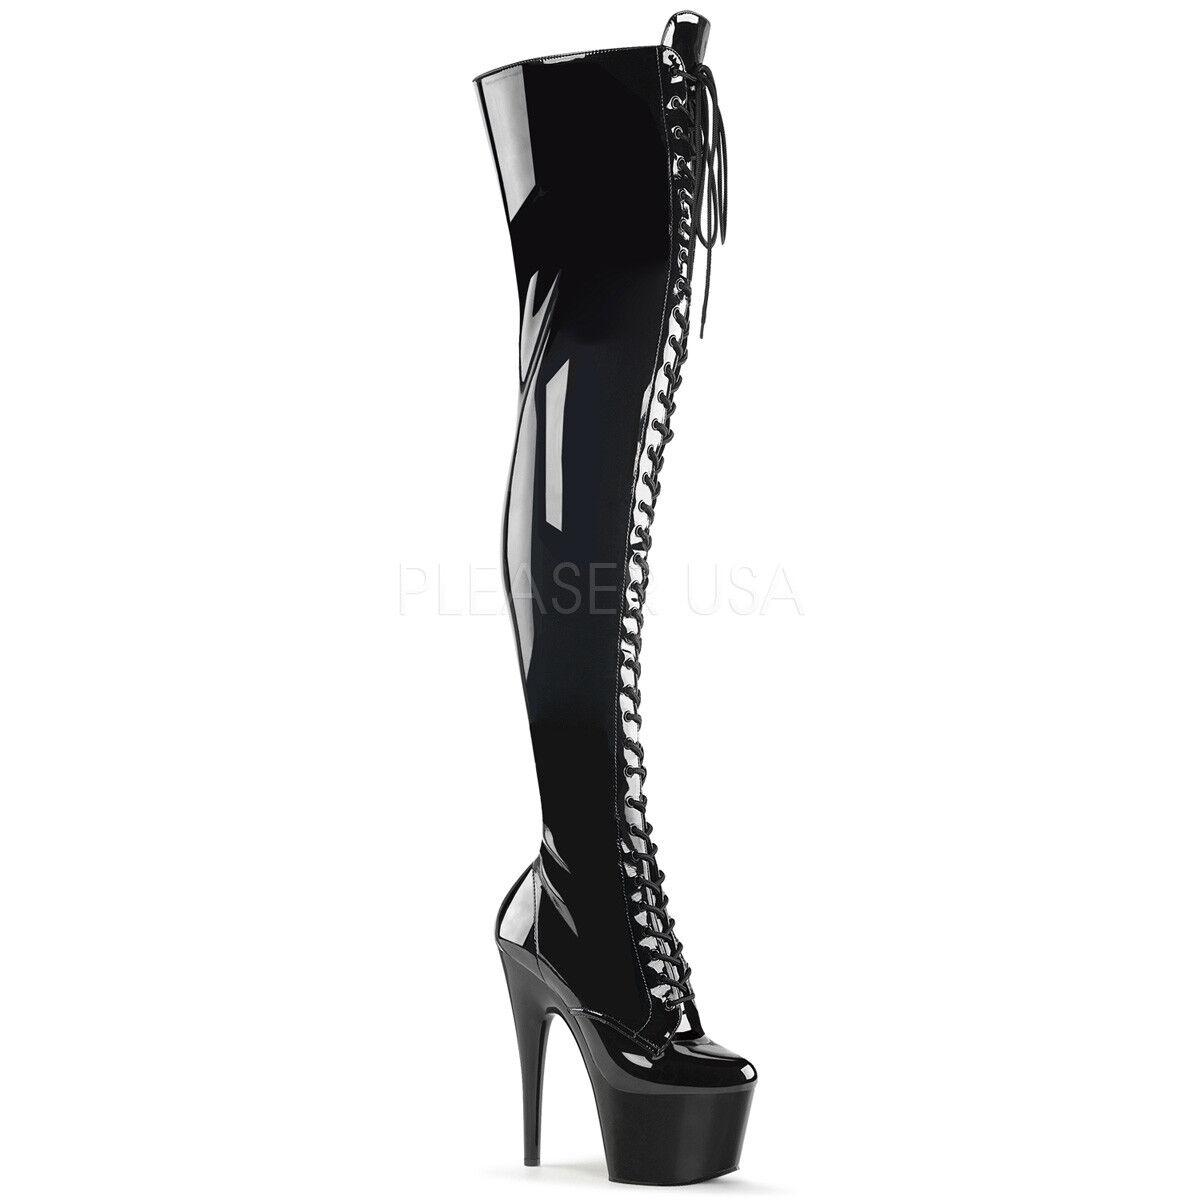 Pleaser Patente Adore - 3023 alto del muslo botas Negro Patente Pleaser exótico baile Stripper Taco De Polo a29790